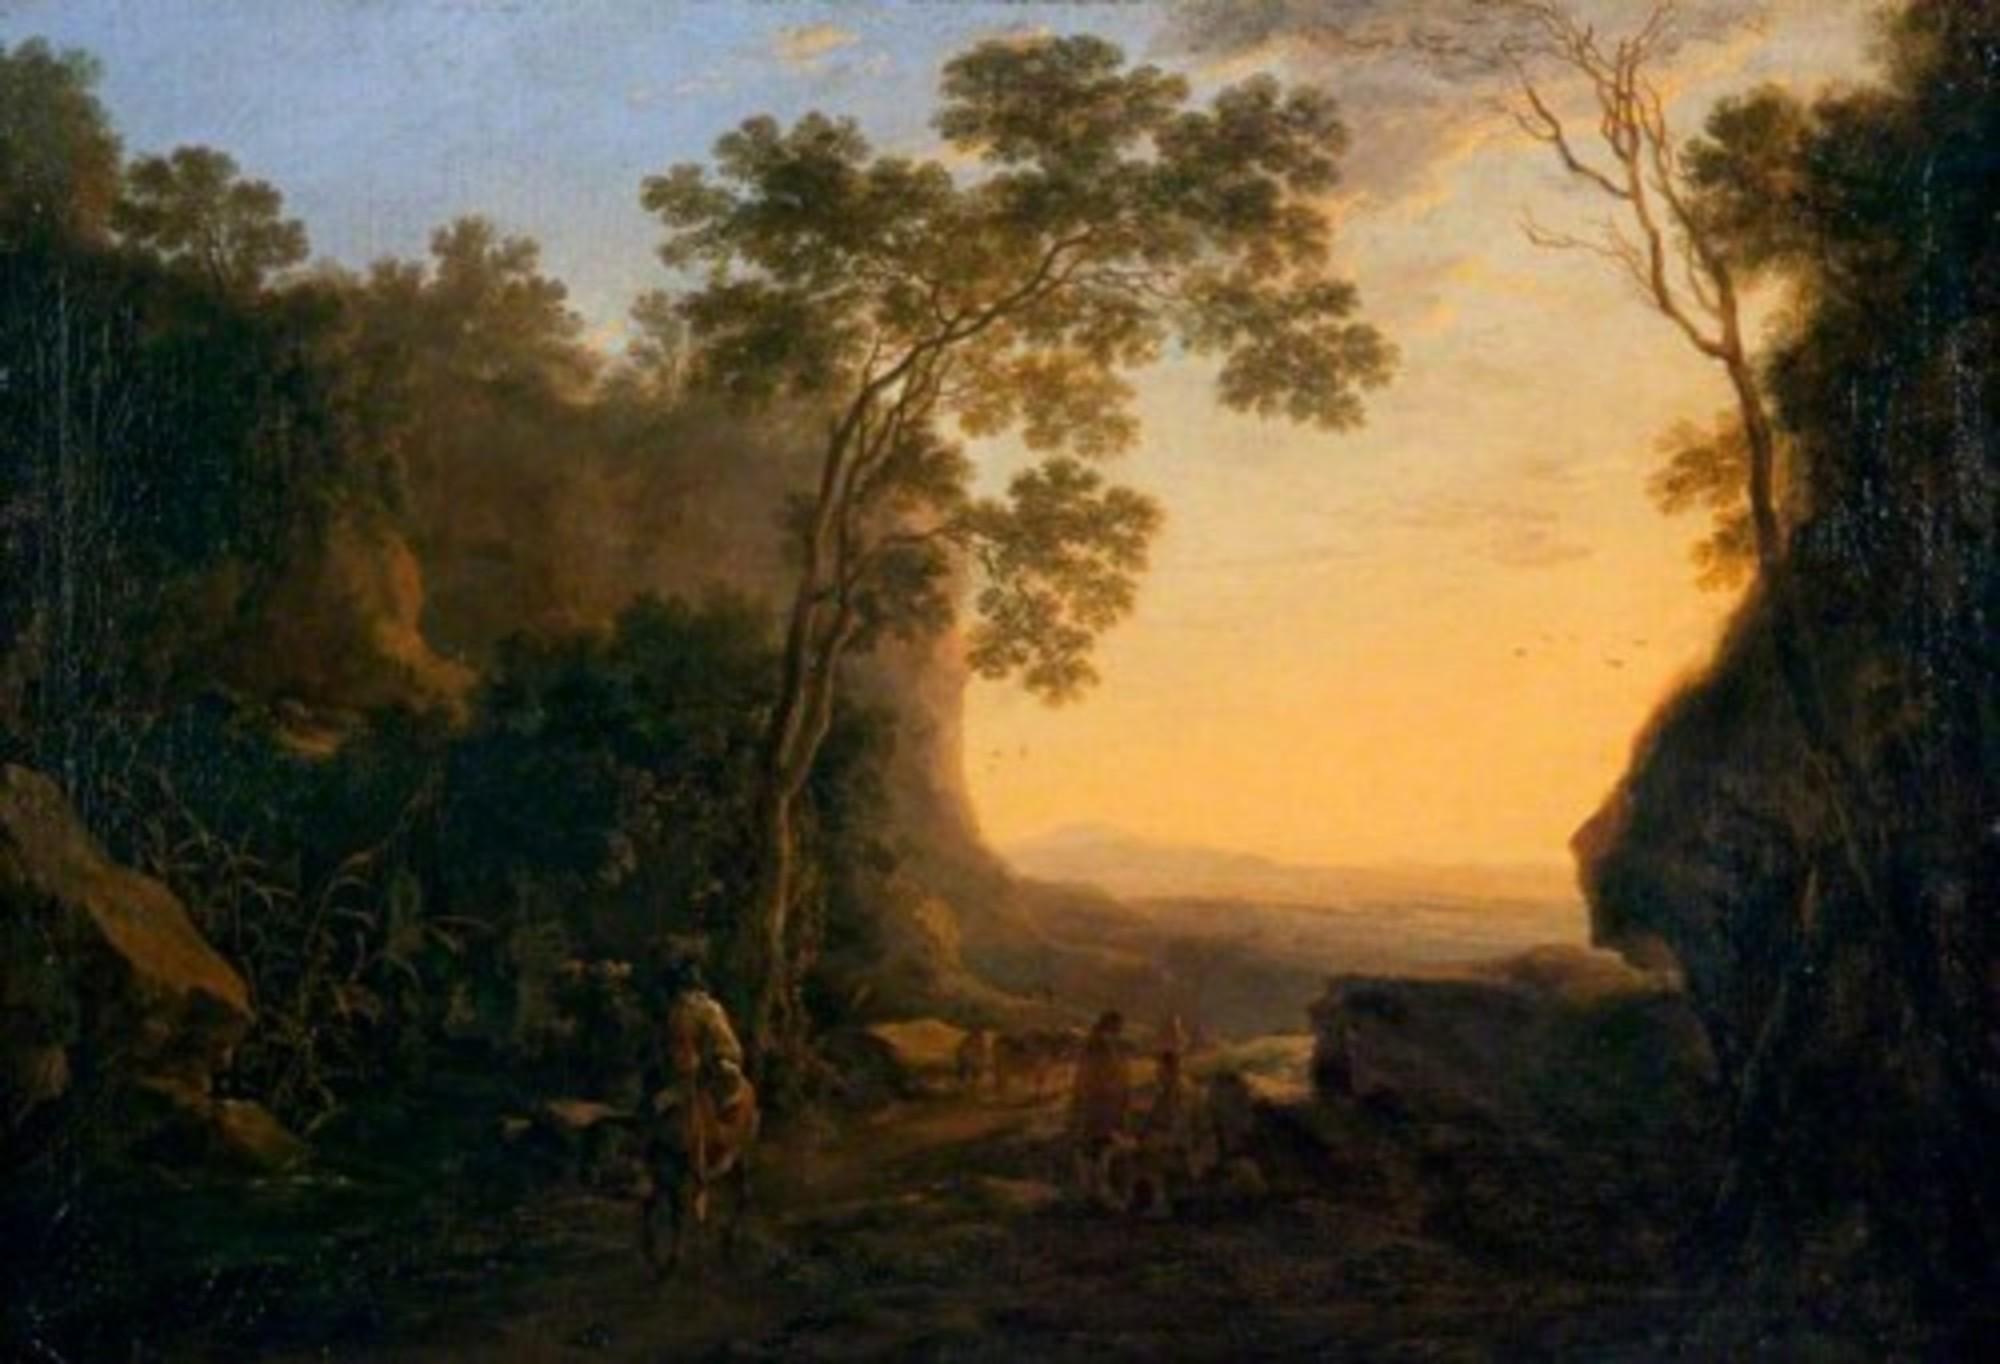 Jan-Both---Landscape-NGS-NGS-NG-13-001.jpg